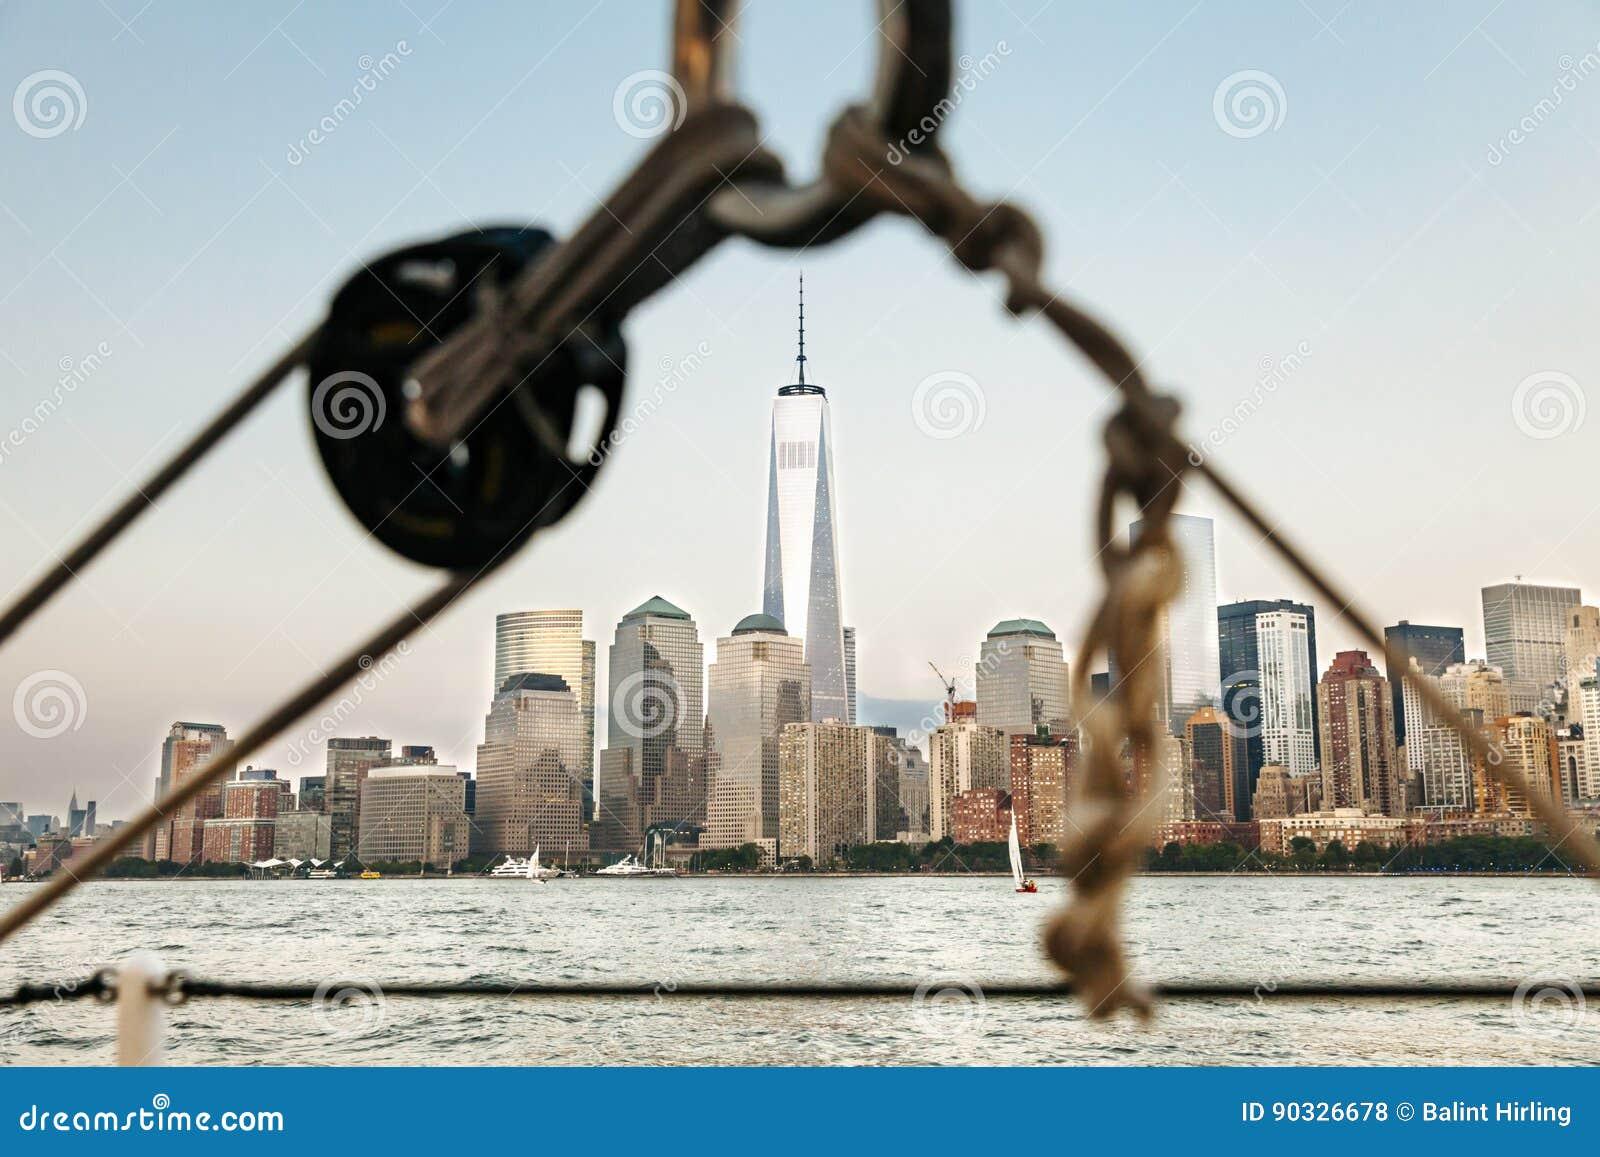 Segelbåt i New York med World Trade Center